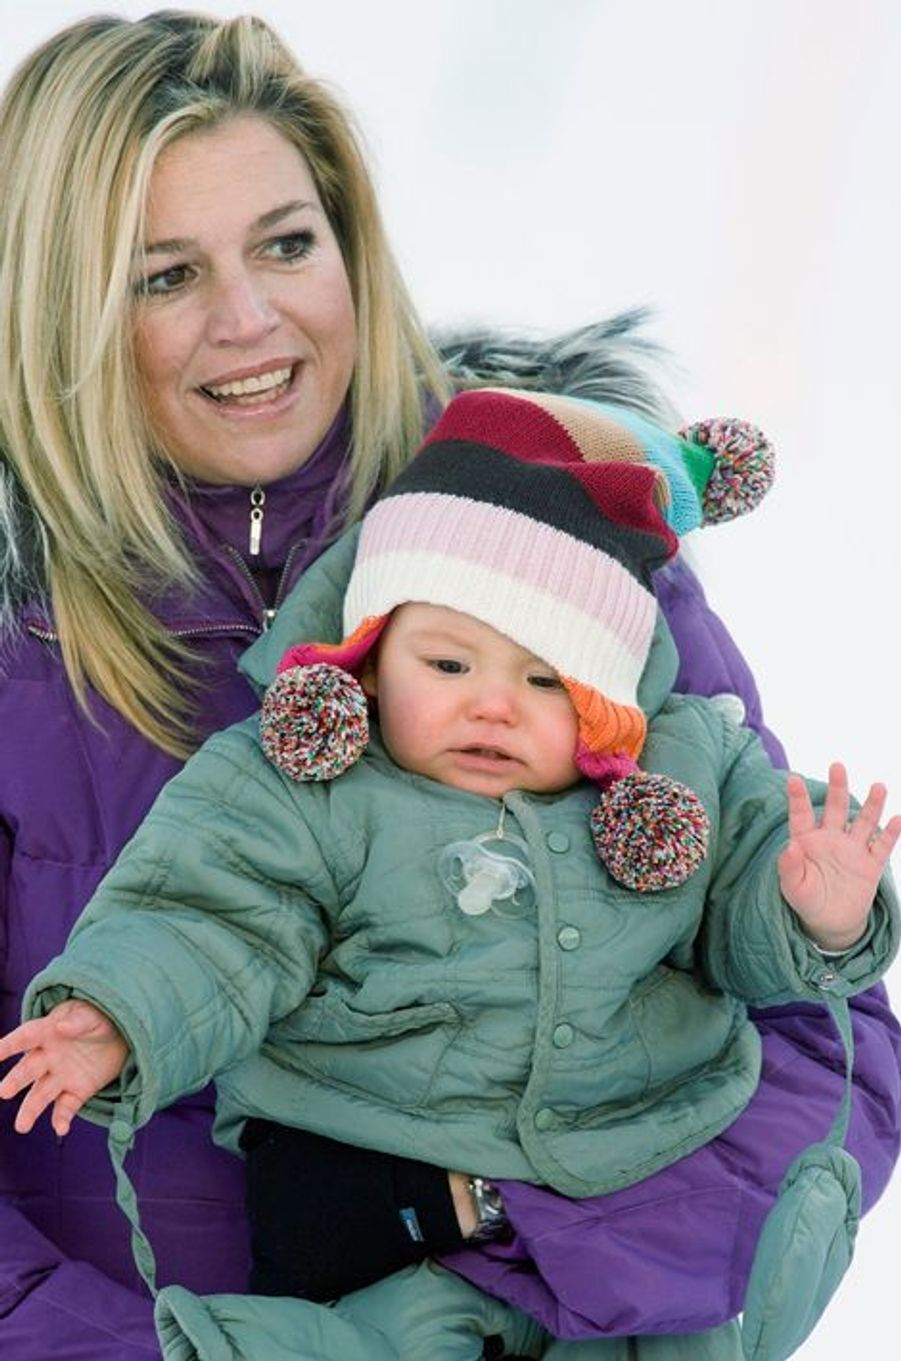 La princesse Ariane des Pays-Bas avec sa mère Maxima, le 10 février 2008